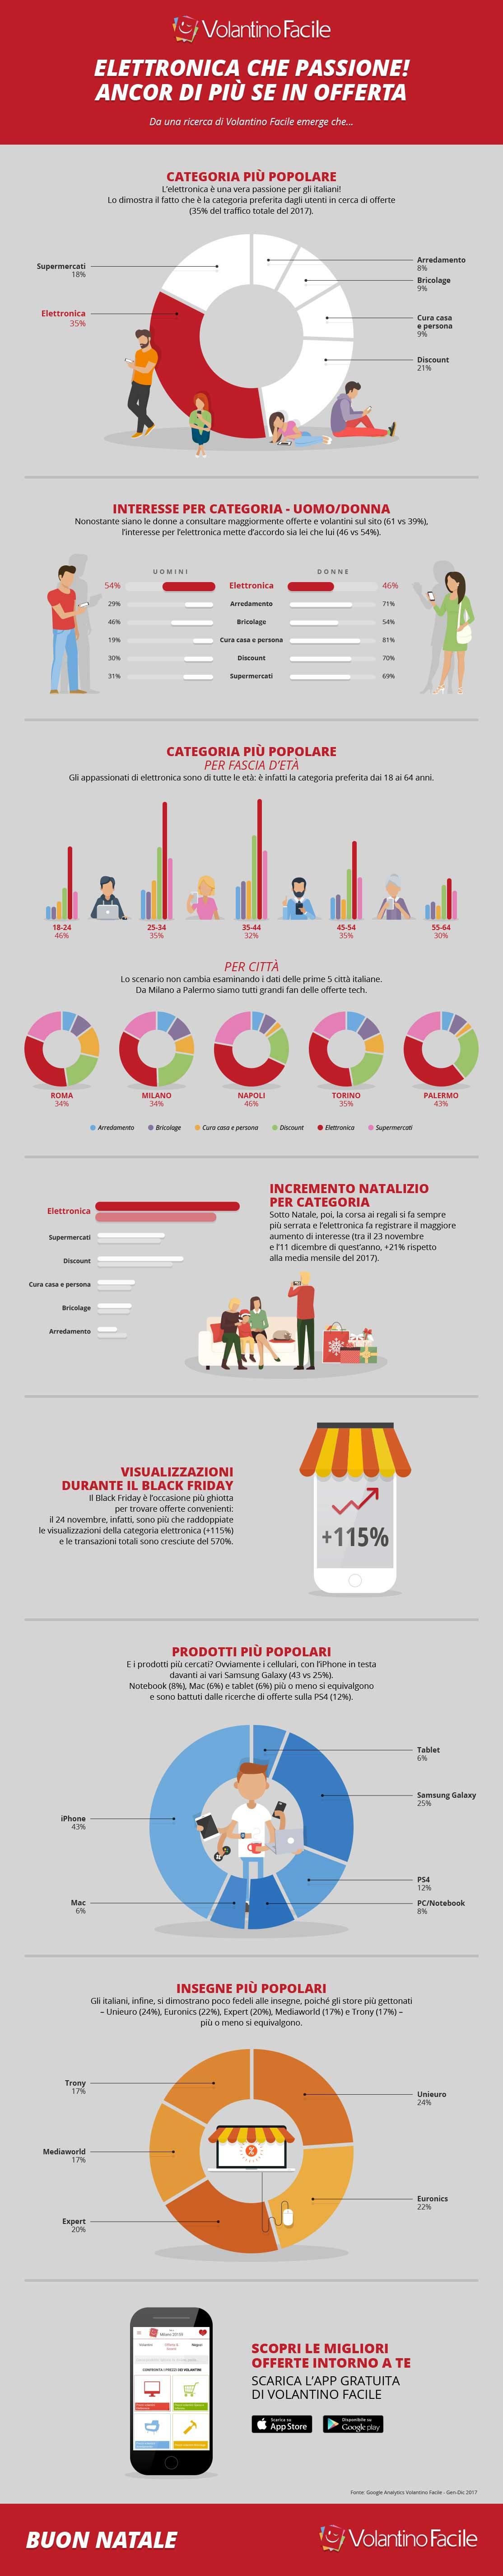 Offerte Elettronica Volantino Facile Infografica